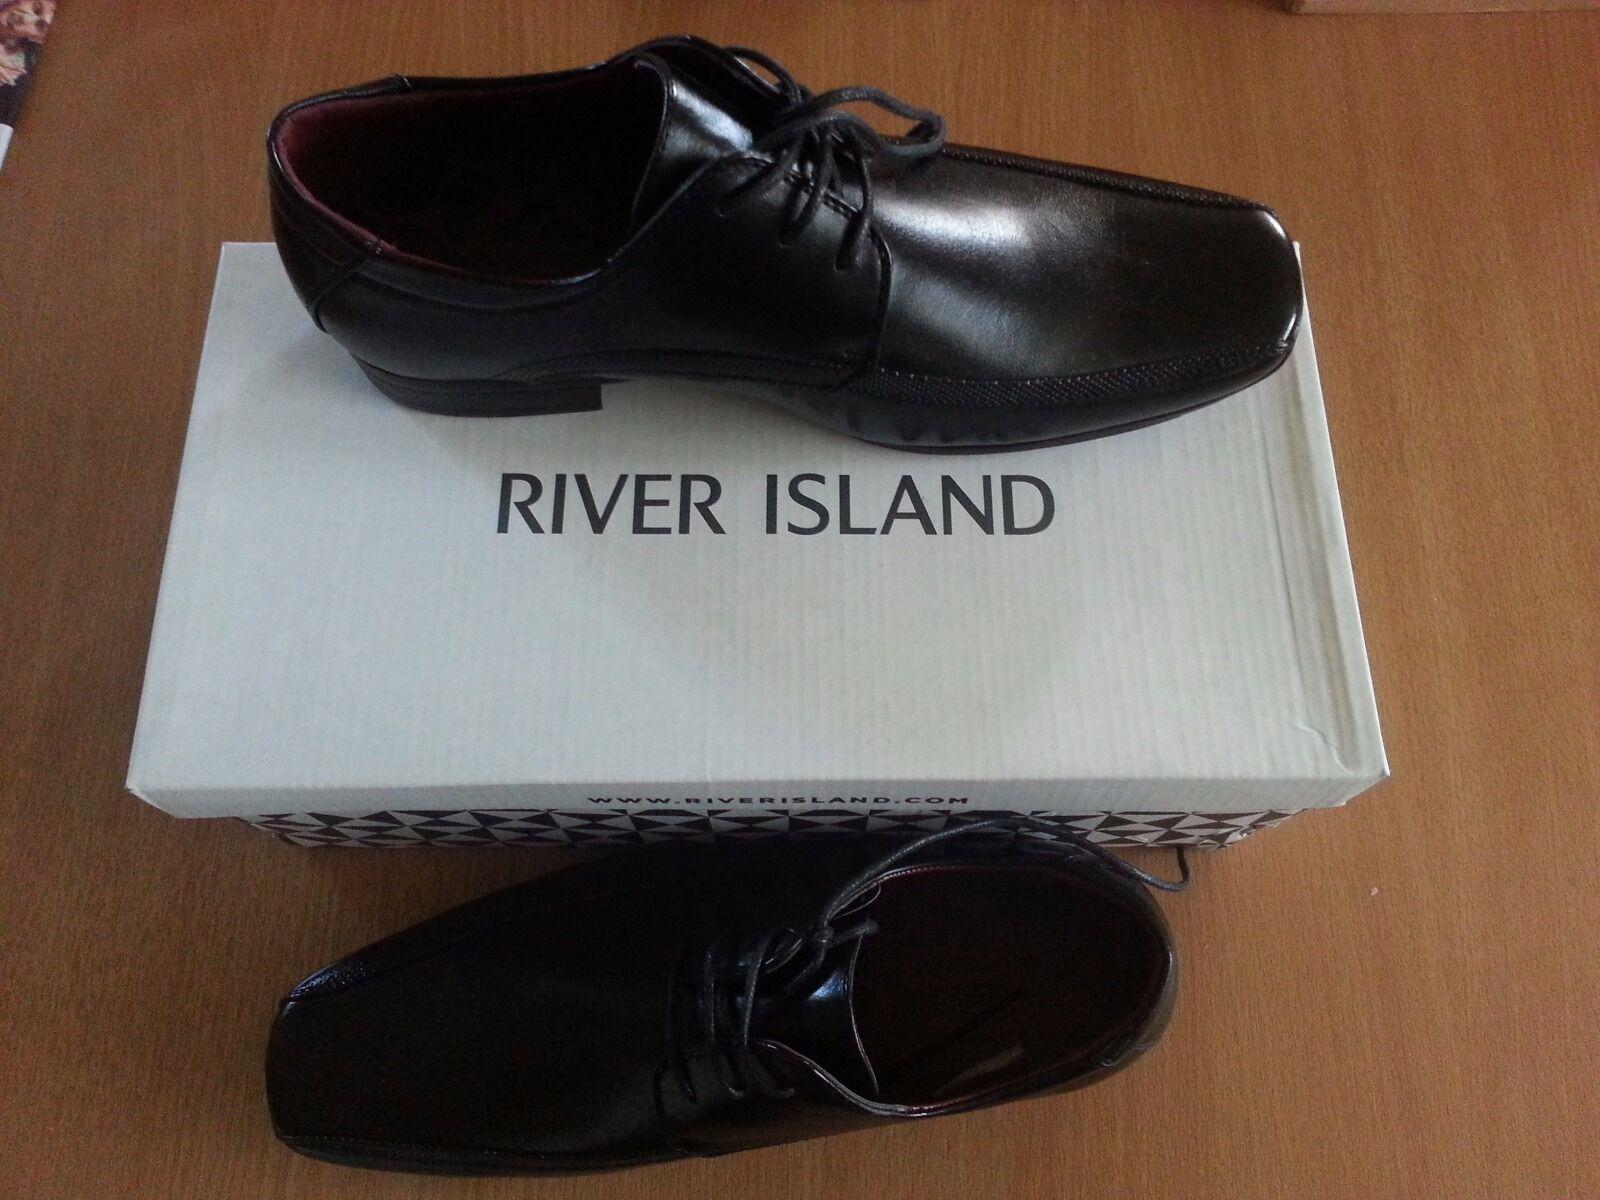 River Island Da Uomo 8 Formali Eleganti Scarpe squaretoe-Nero-Taglia 8 Uomo (42) suola in gomma 5f0de9